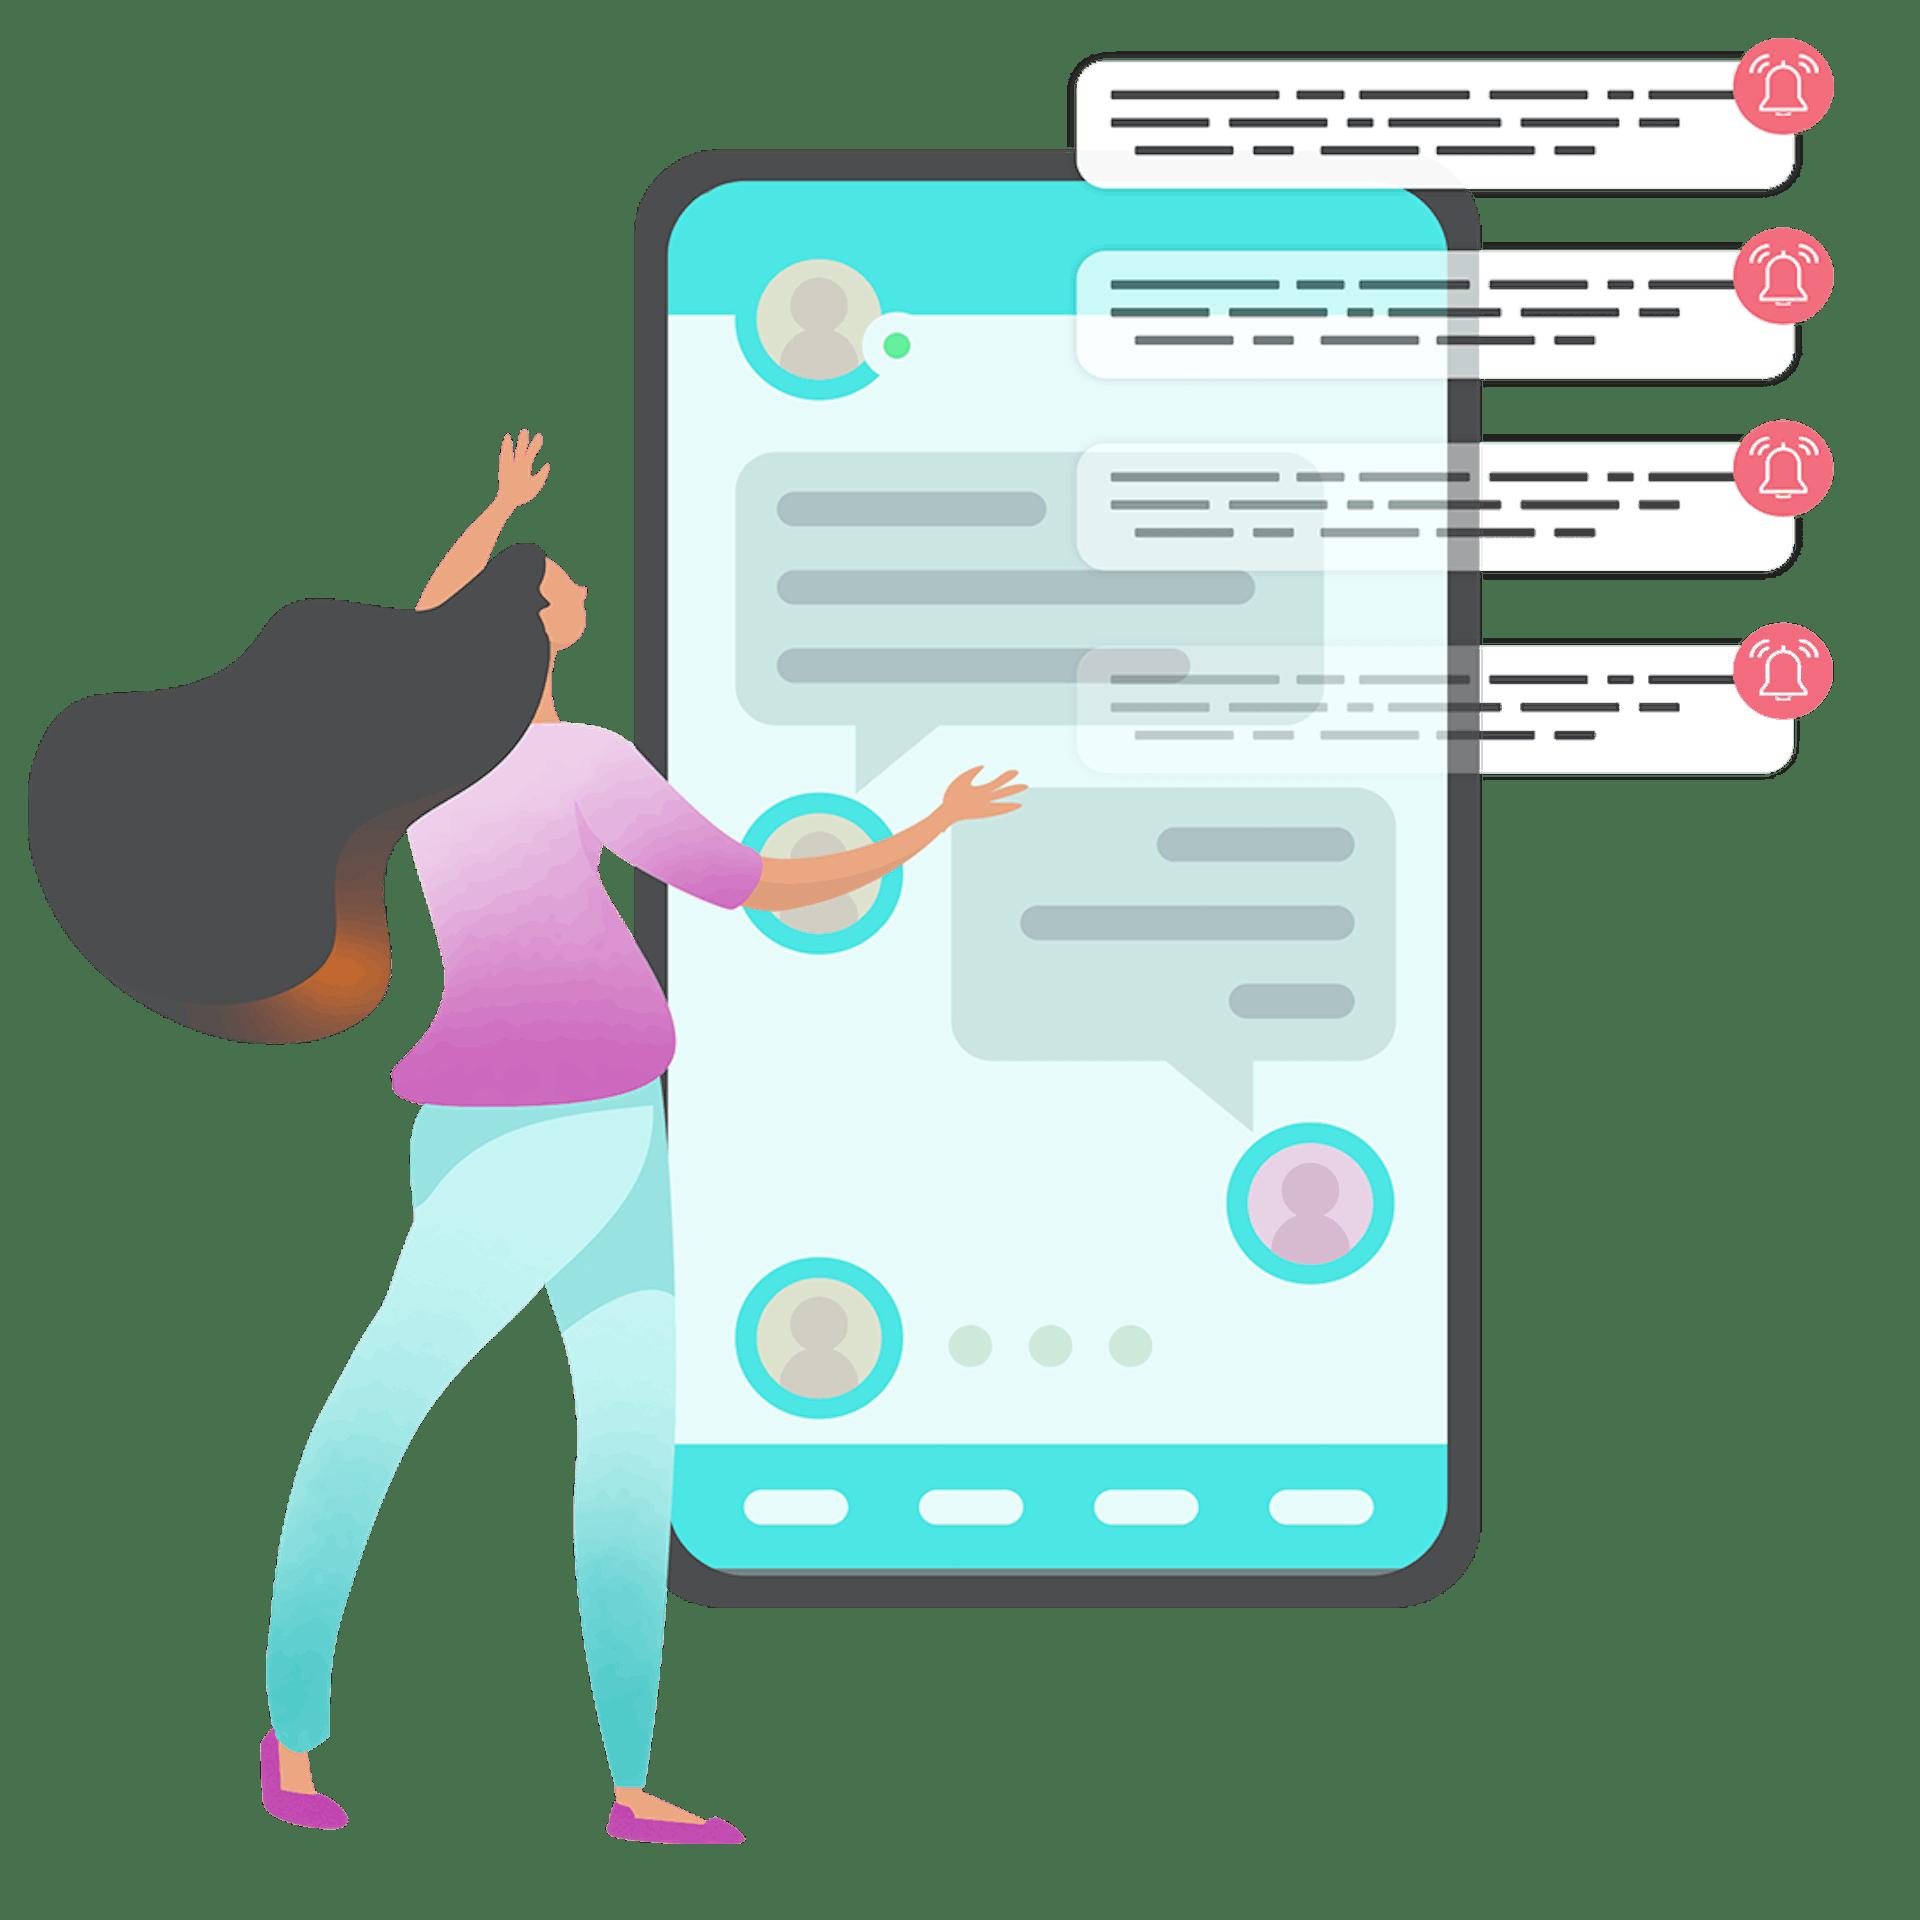 Illustration graphique d'une femme devant un téléphone portable surdimensionné